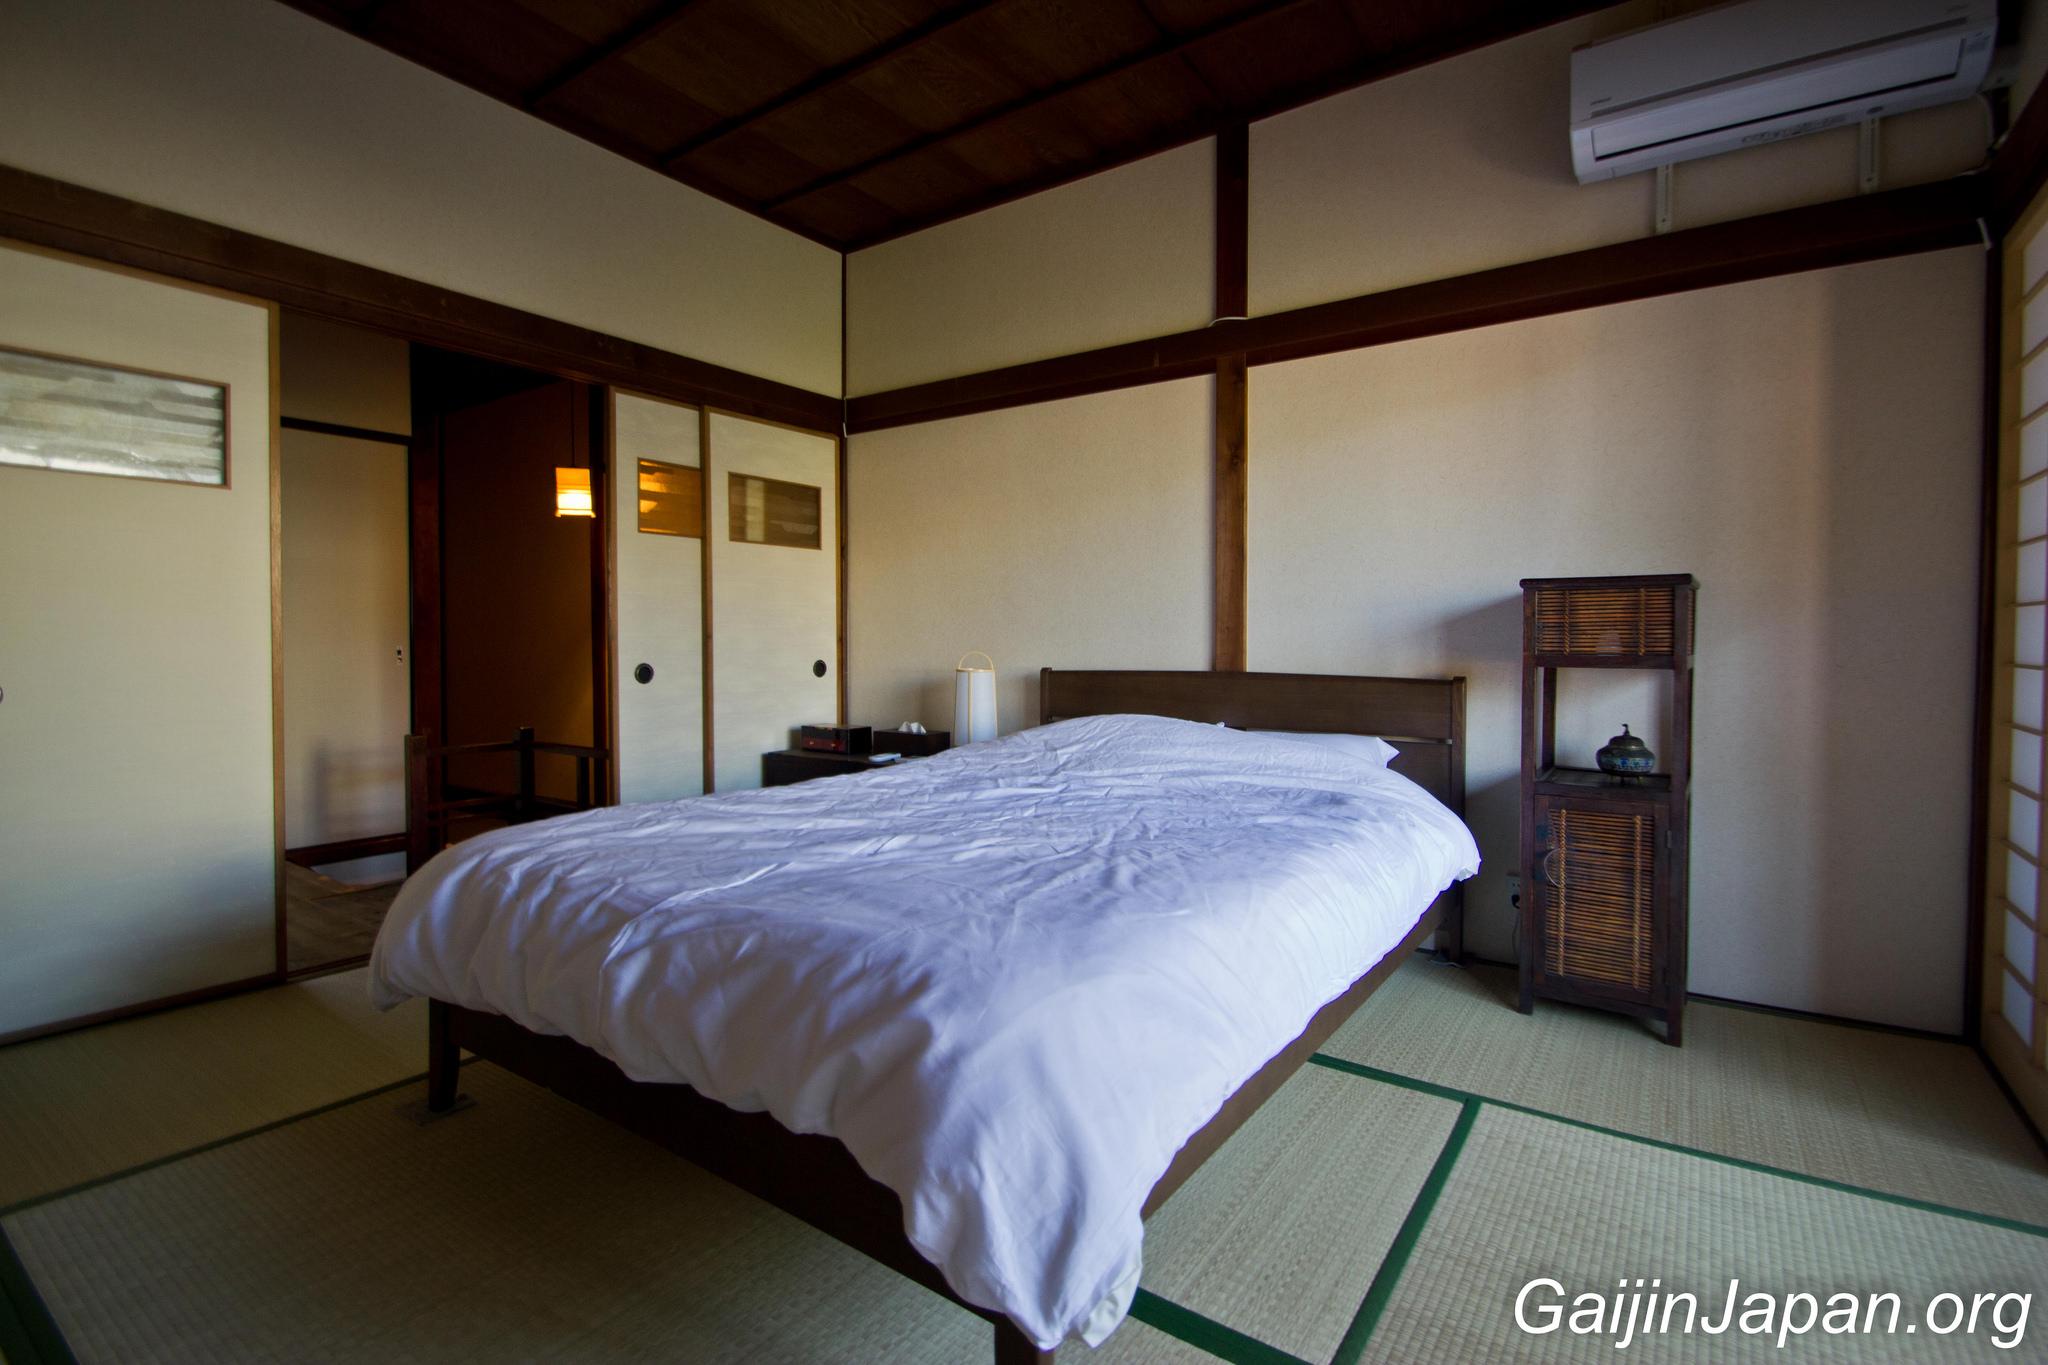 Location maison japon